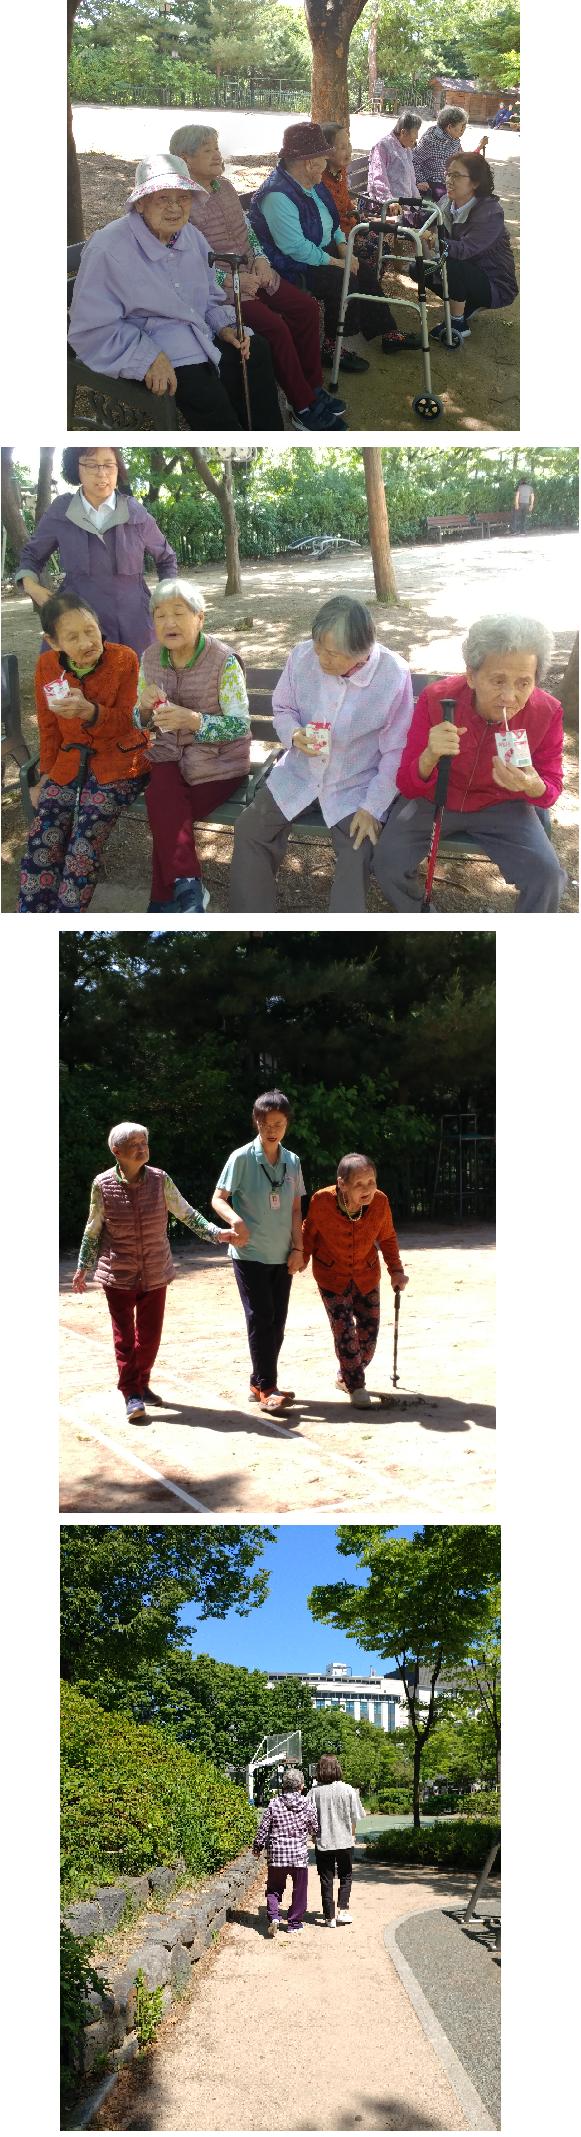 [데이, 요양] 특화 프로그램 소그룹 외출